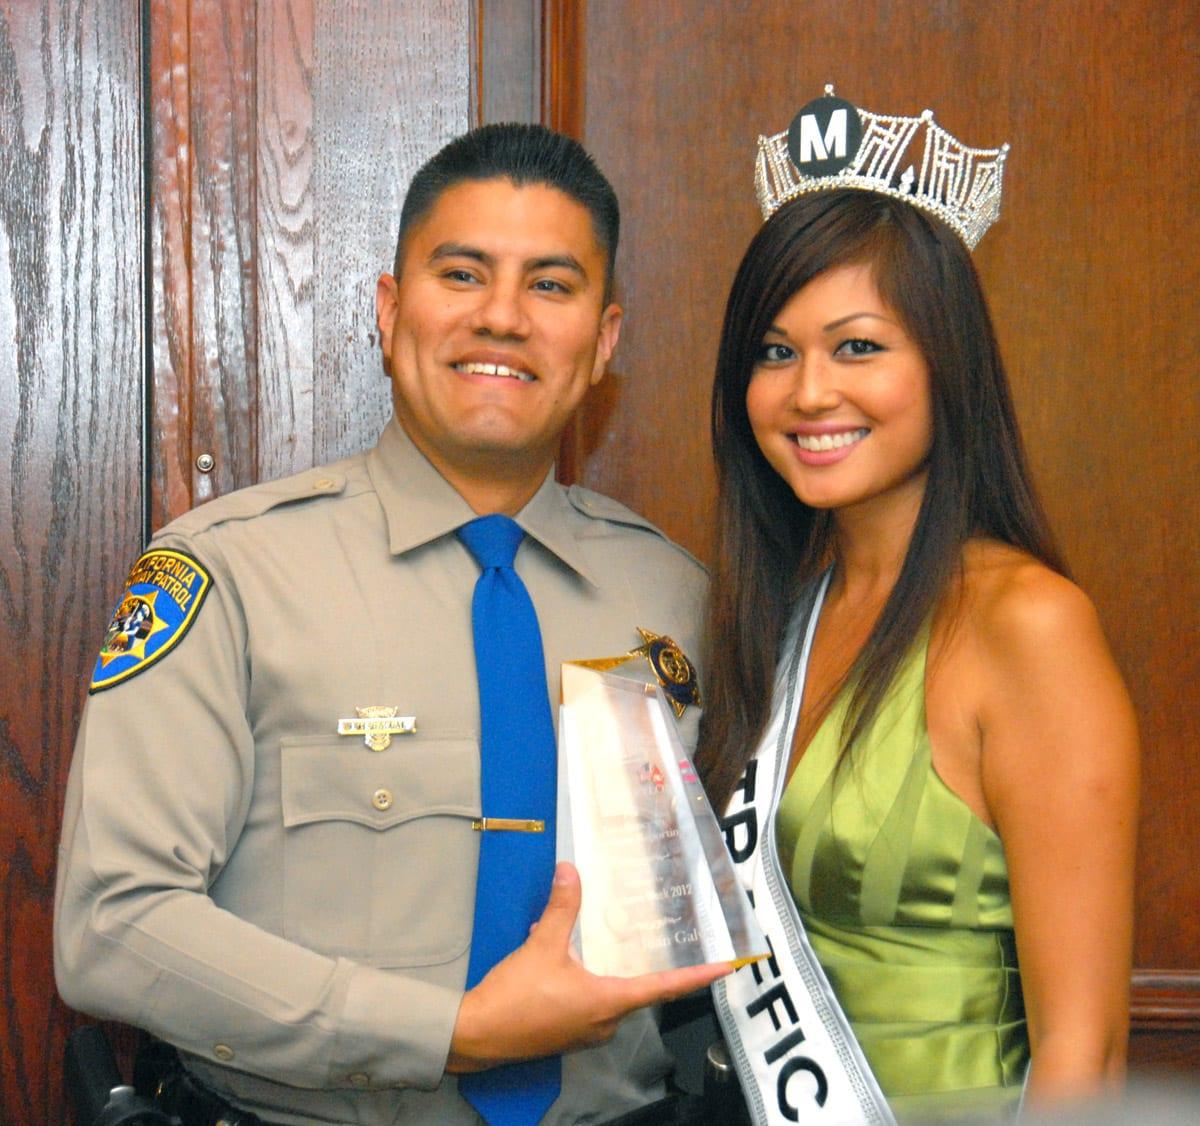 CHP reporter Officer Juan Galvin, Miss Traffic.